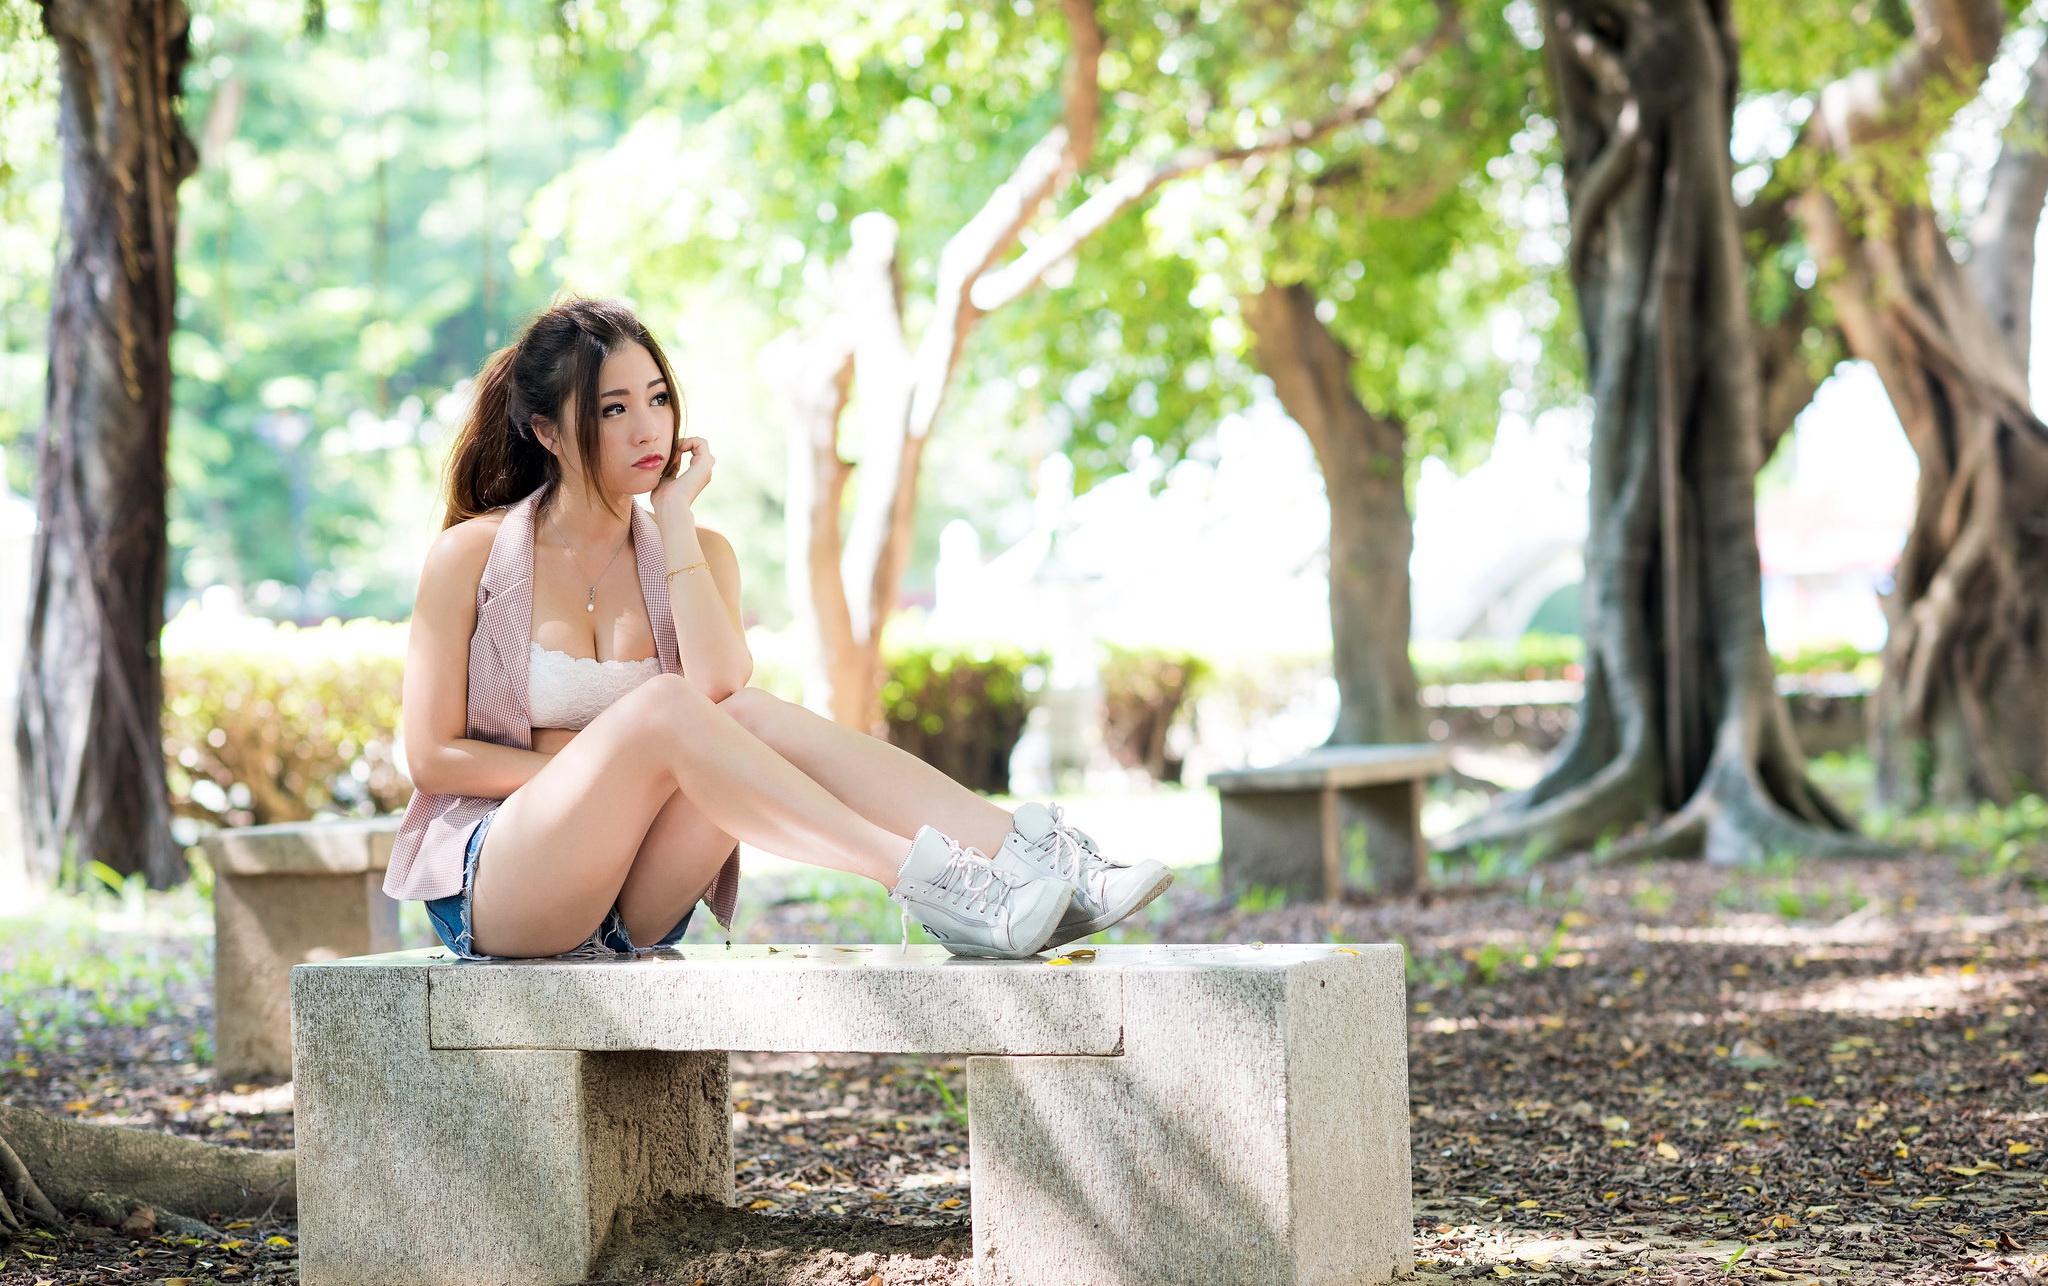 Женщина красивая сидит на скамье